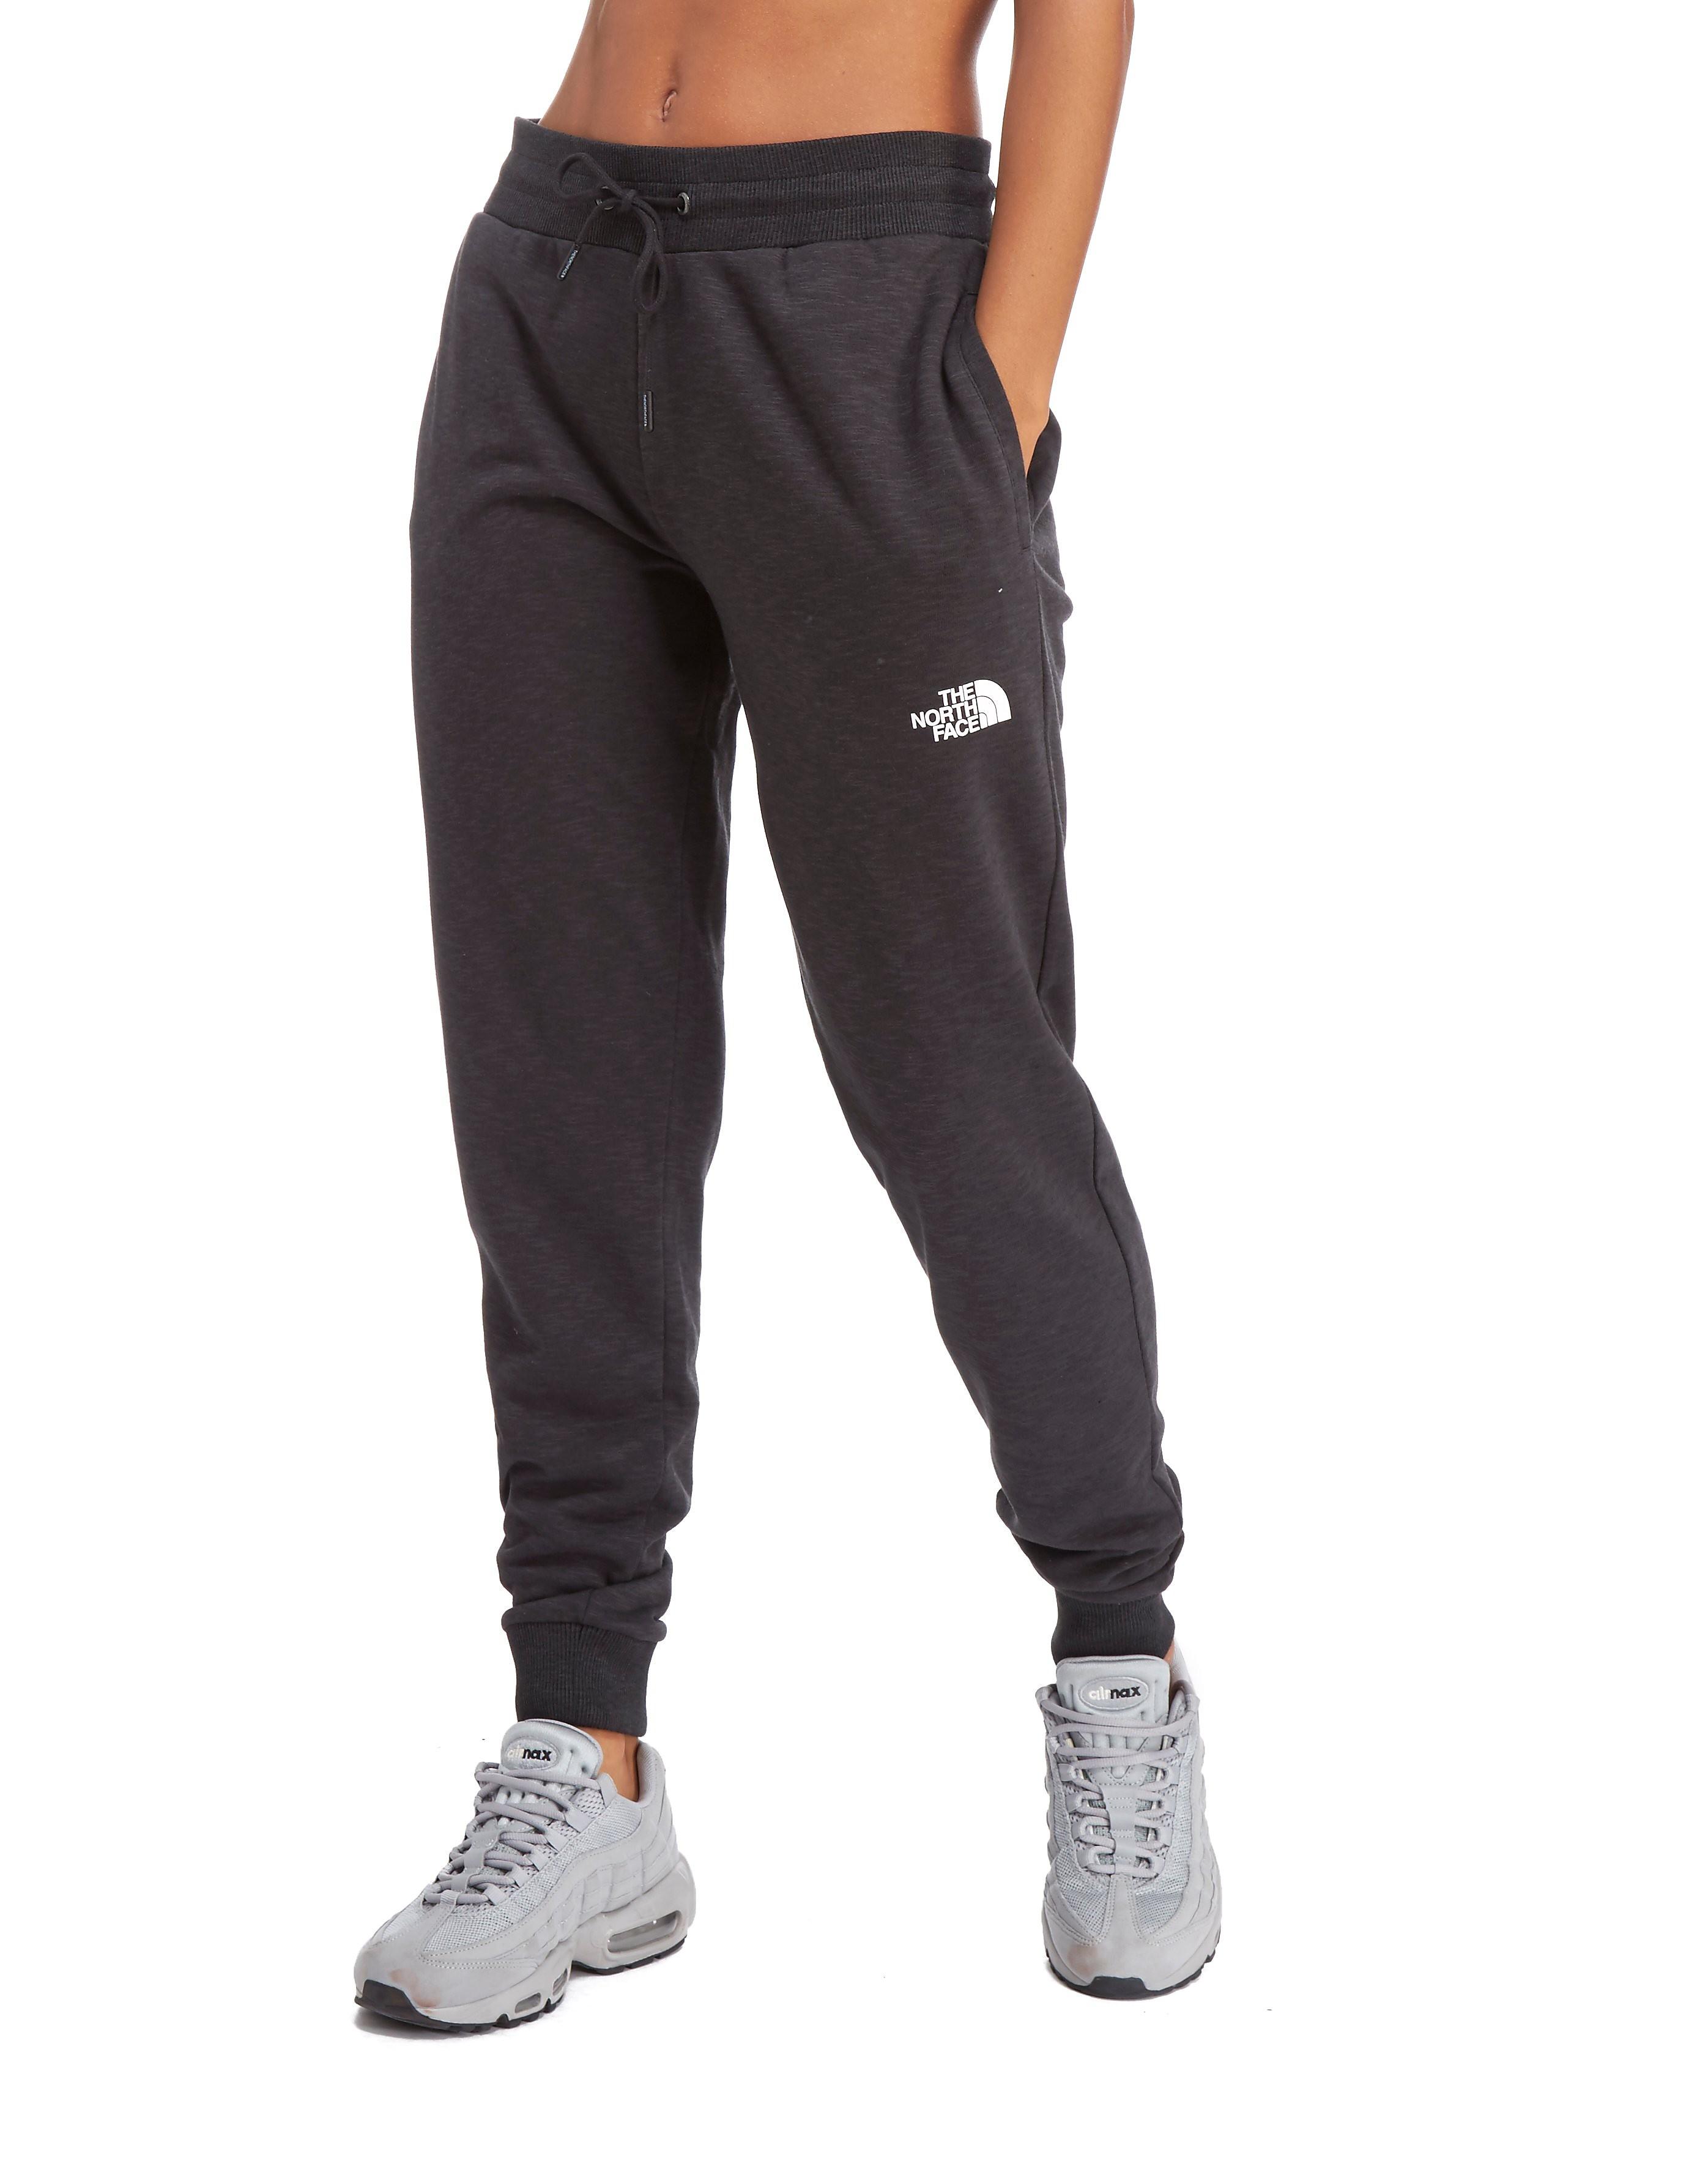 The North Face Pantalon de survêtement Space Dye Fleece Femme